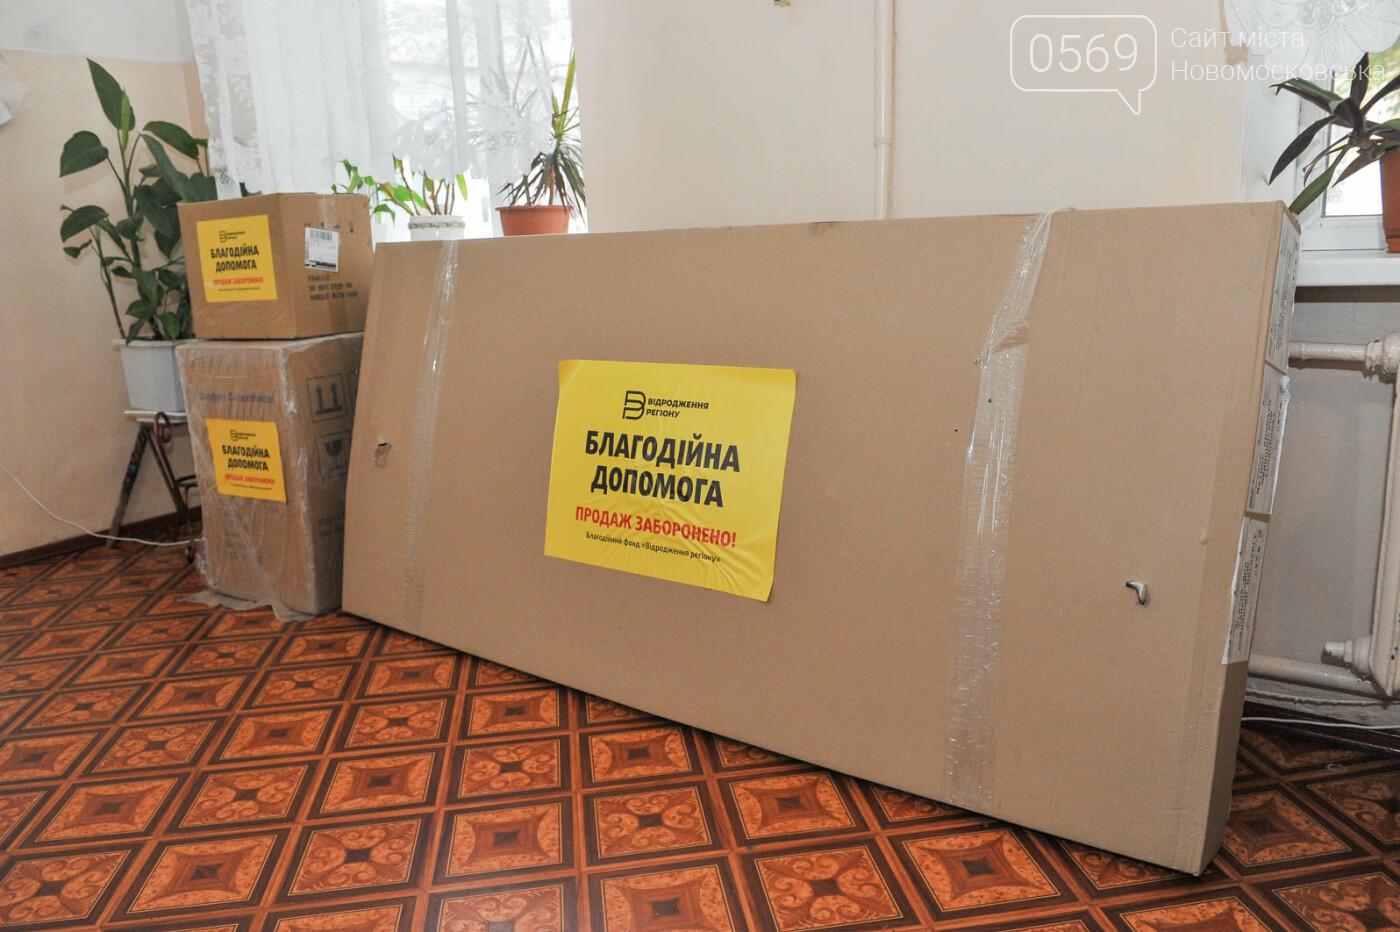 Новомосковська міська лікарня отримала благодійну допомогу від ІНТЕРПАЙП, фото-3